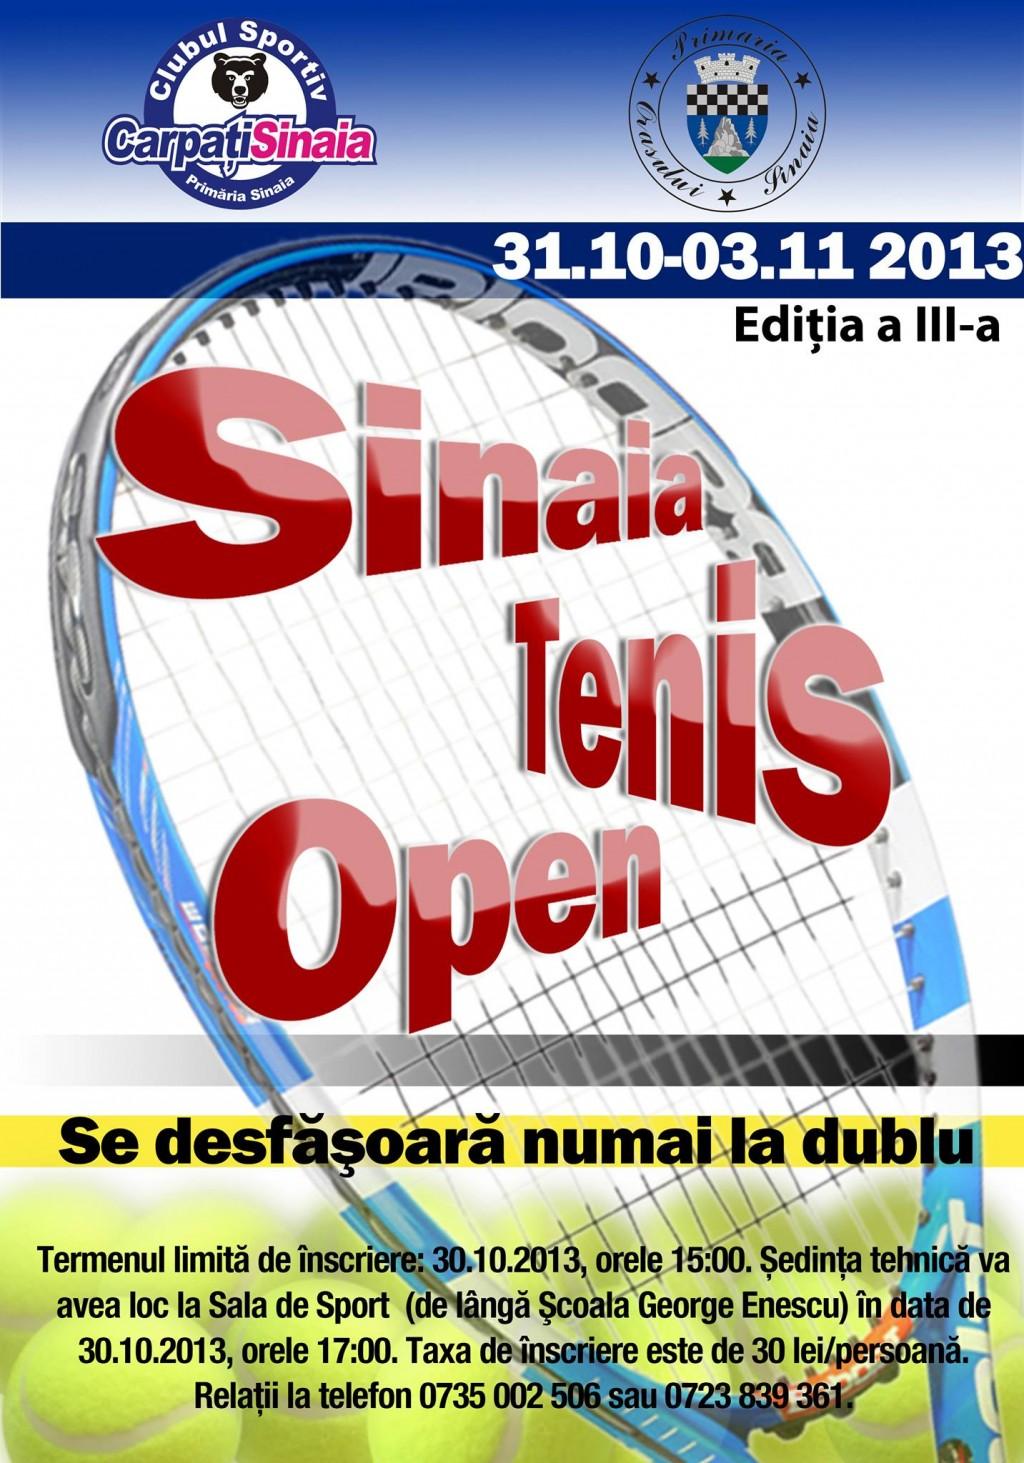 Sinaia Tenis Open 2013, editia a III-a